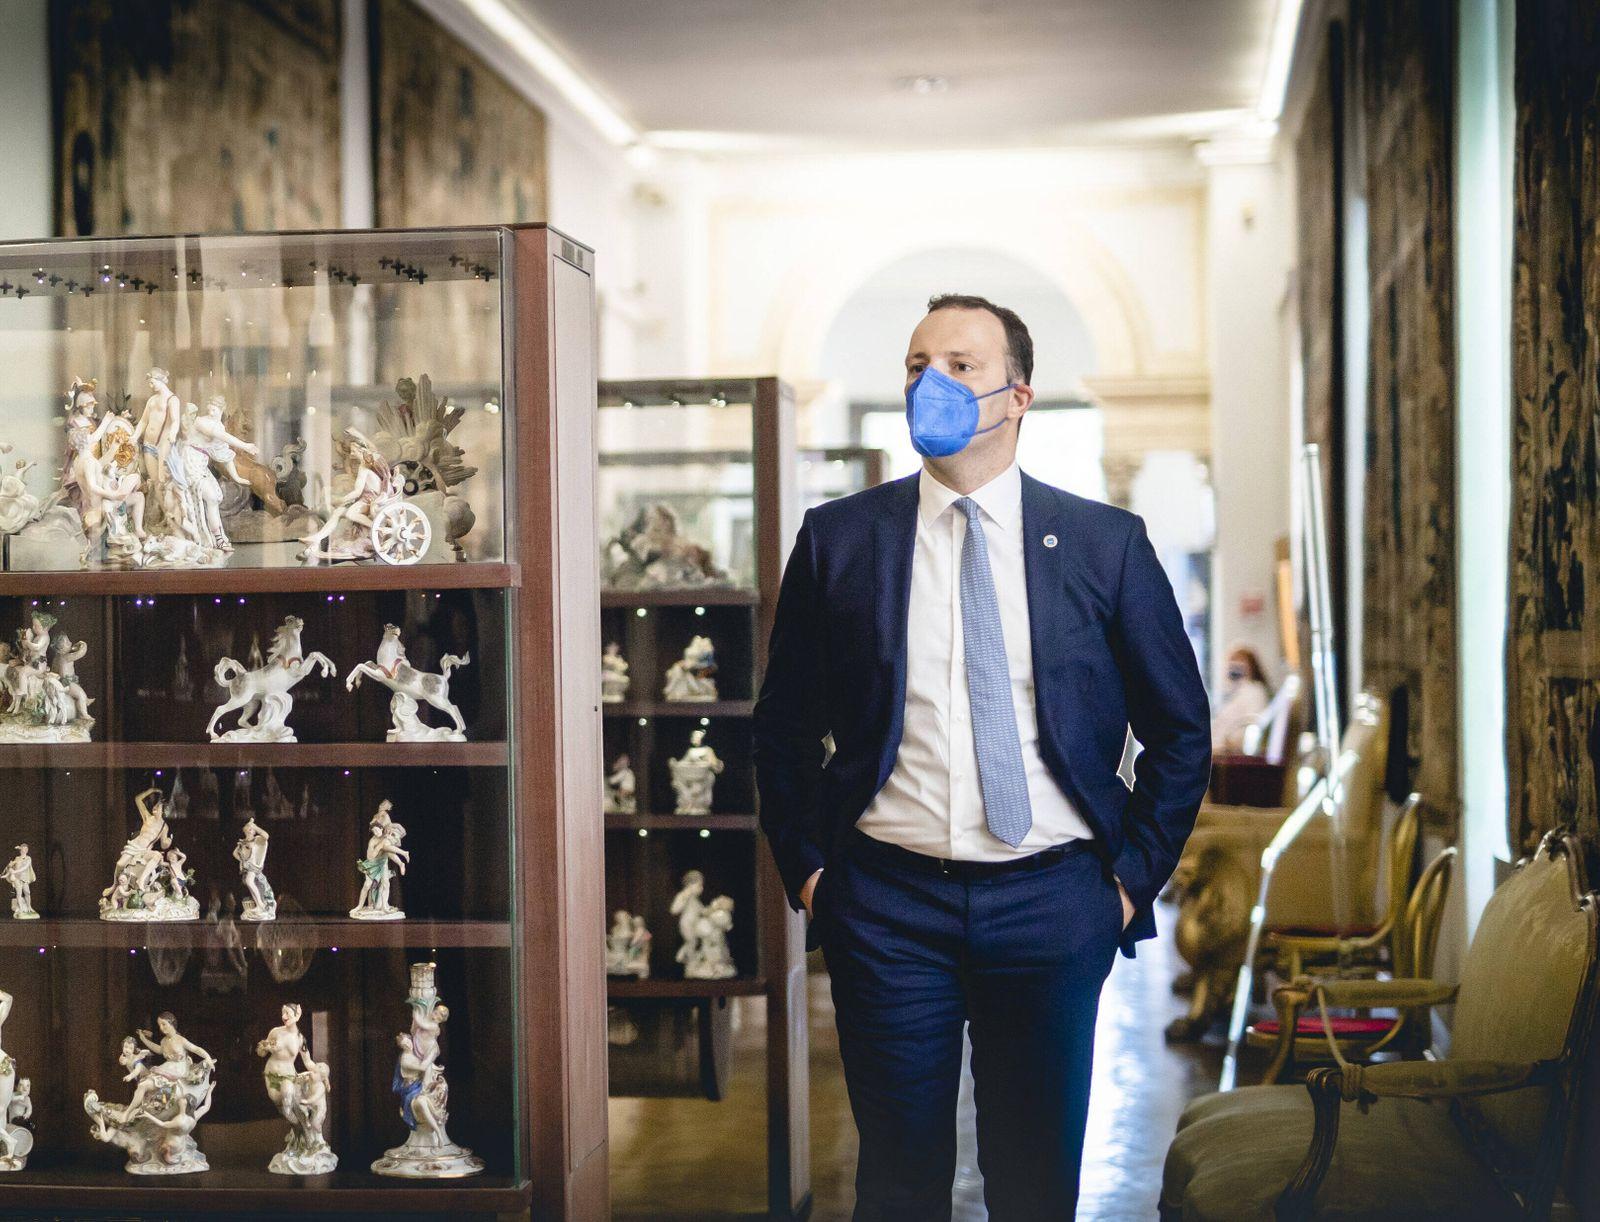 Bundesgesundheitsminister Jens Spahn (CDU) im Rahmen des G20 Treffens der Gesundheitsminister in Rom am 05.09.2021. Rome